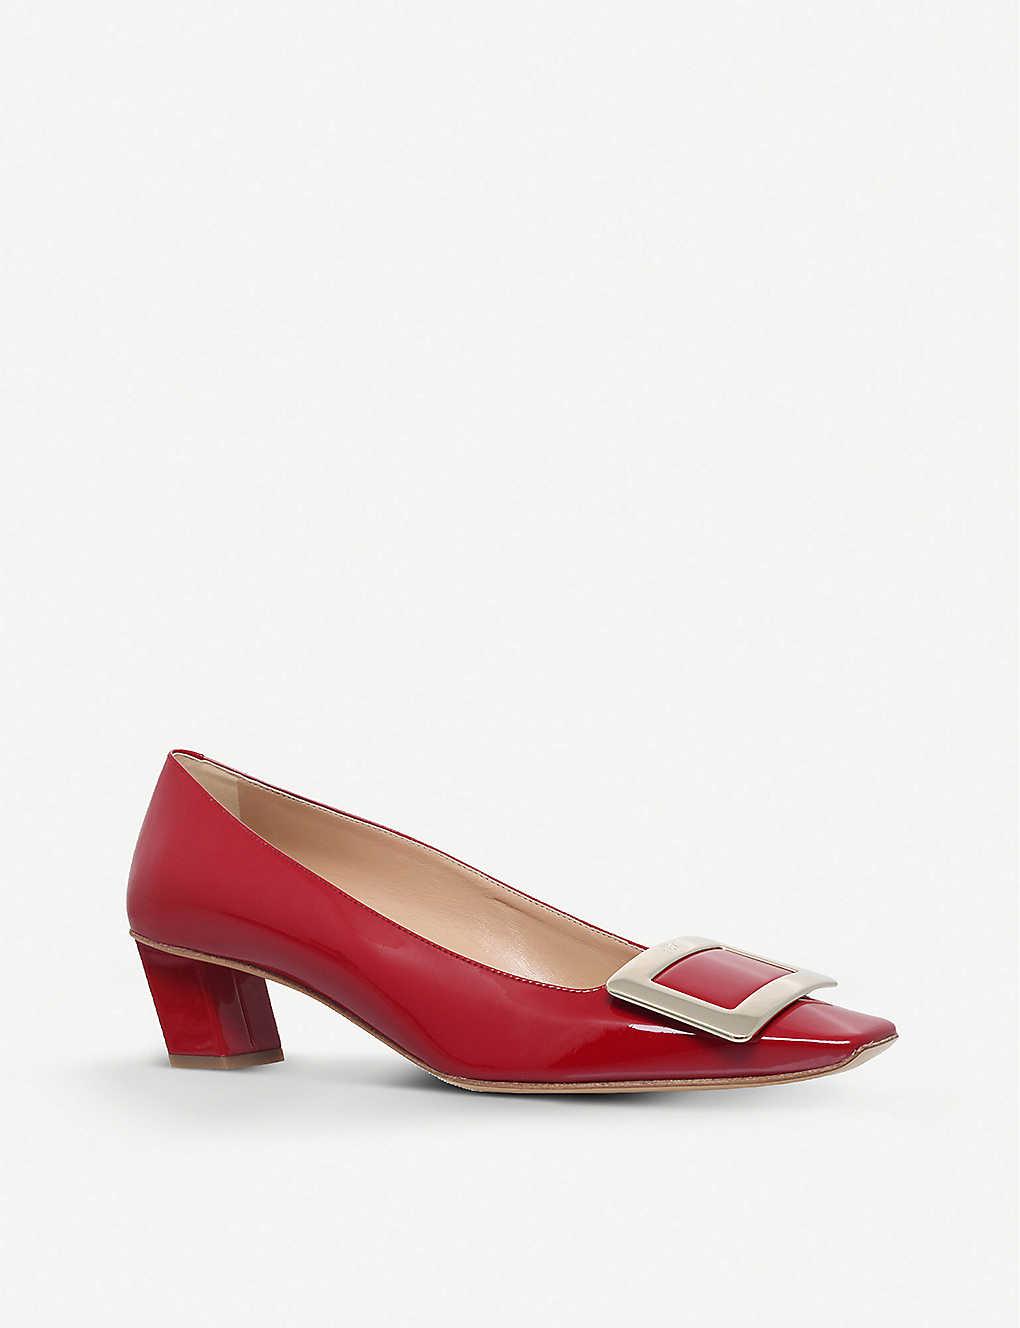 Décolleté T45 patent-leather court shoes(2813760)